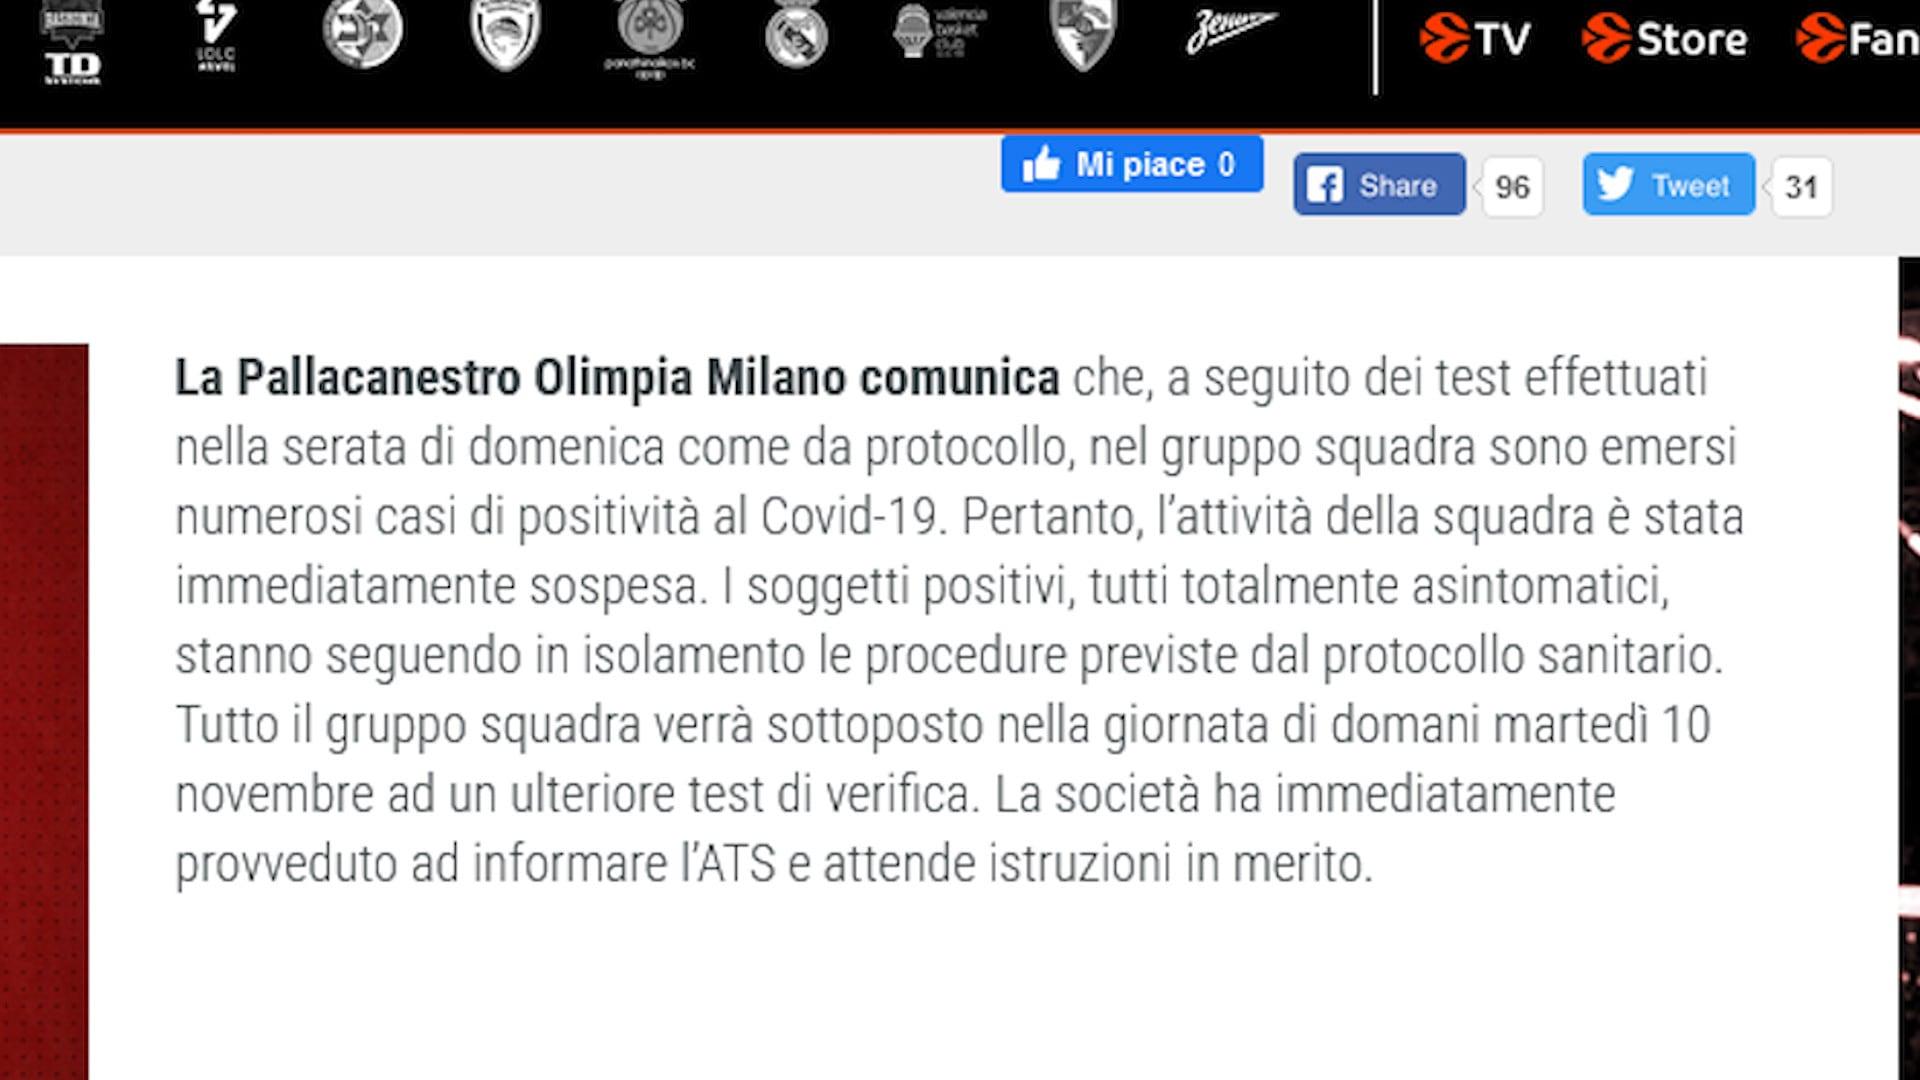 Focolaio Covid-19 in casa Olimpia Milano: sospesa l'attività sportiva